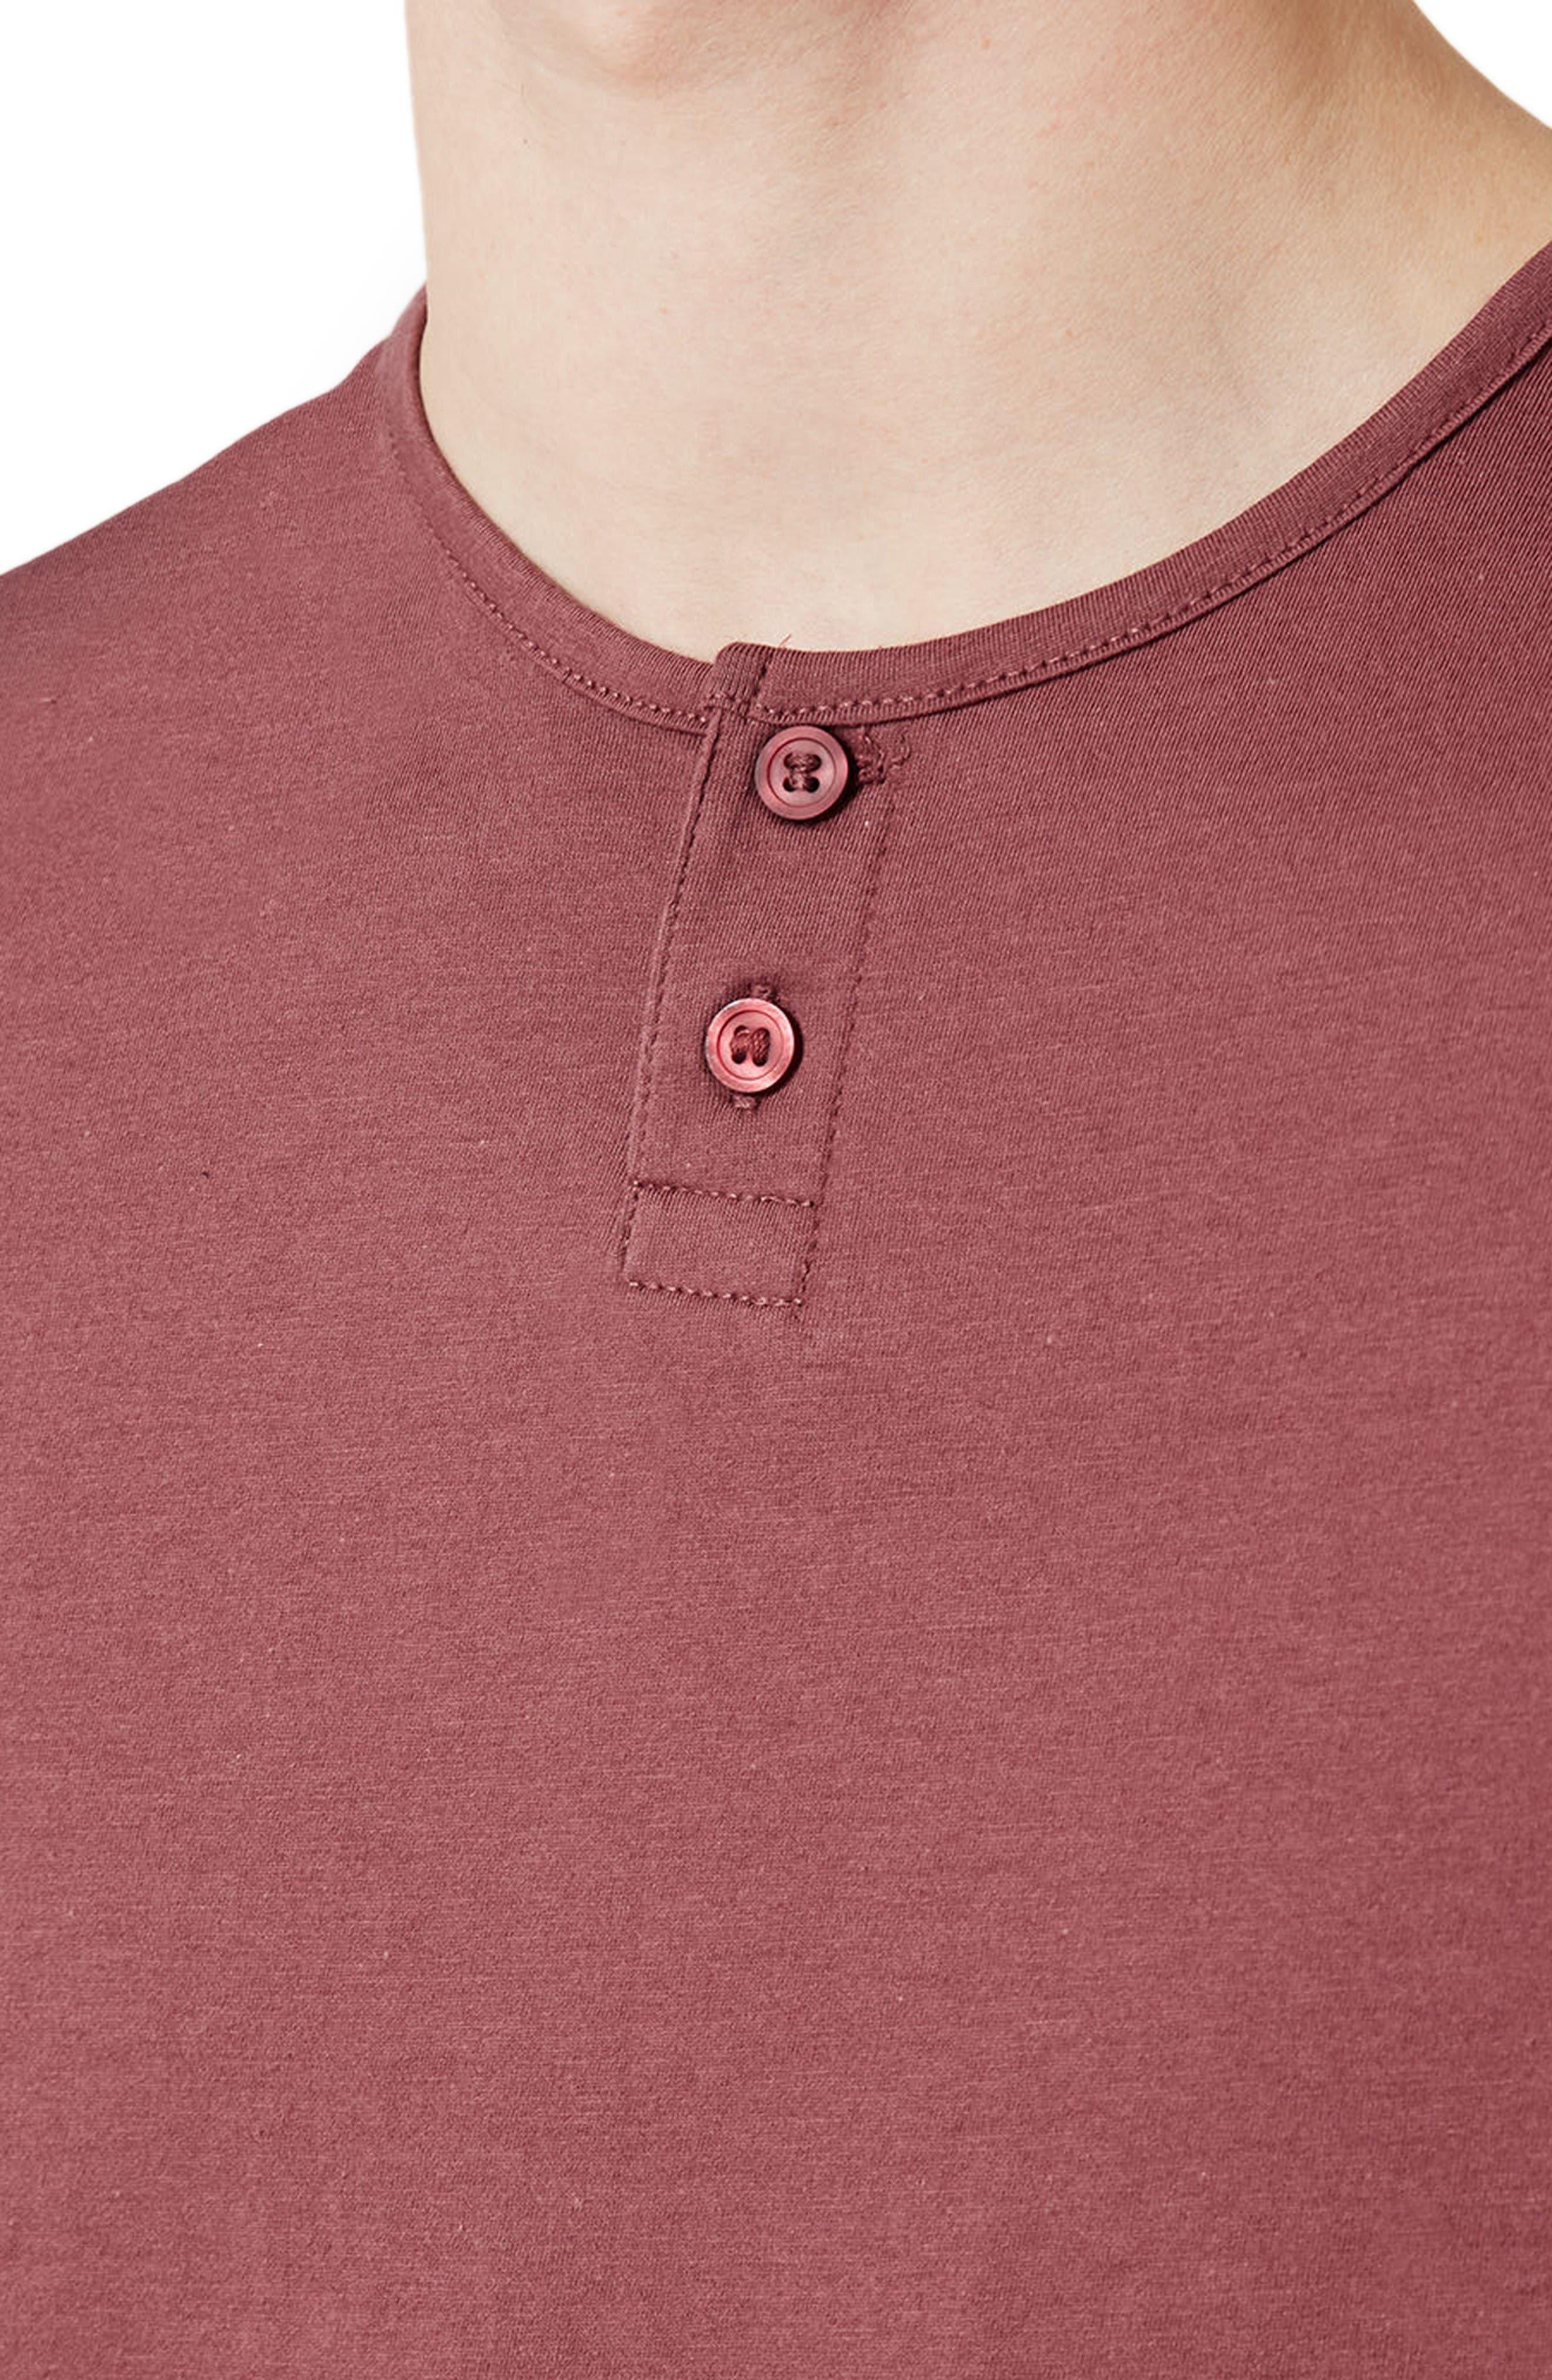 Short Sleeve Henley T-Shirt,                             Alternate thumbnail 4, color,                             Light Red